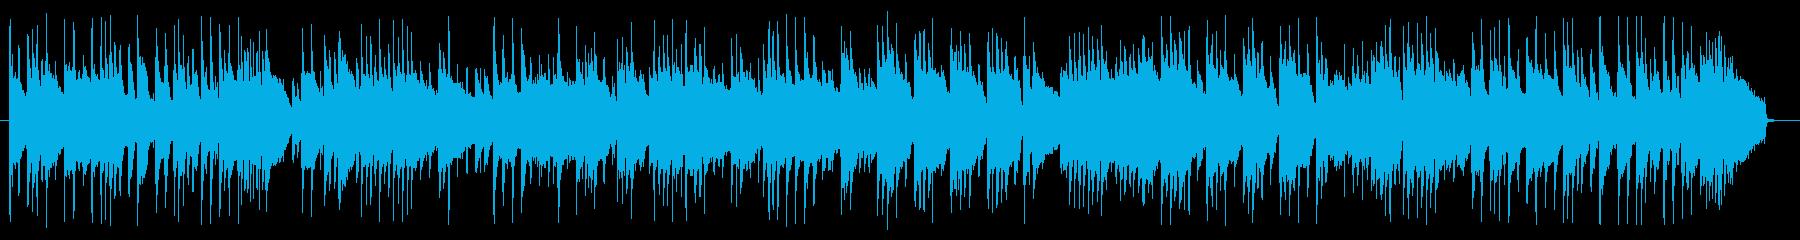 哀愁感あるアコギBGMの再生済みの波形